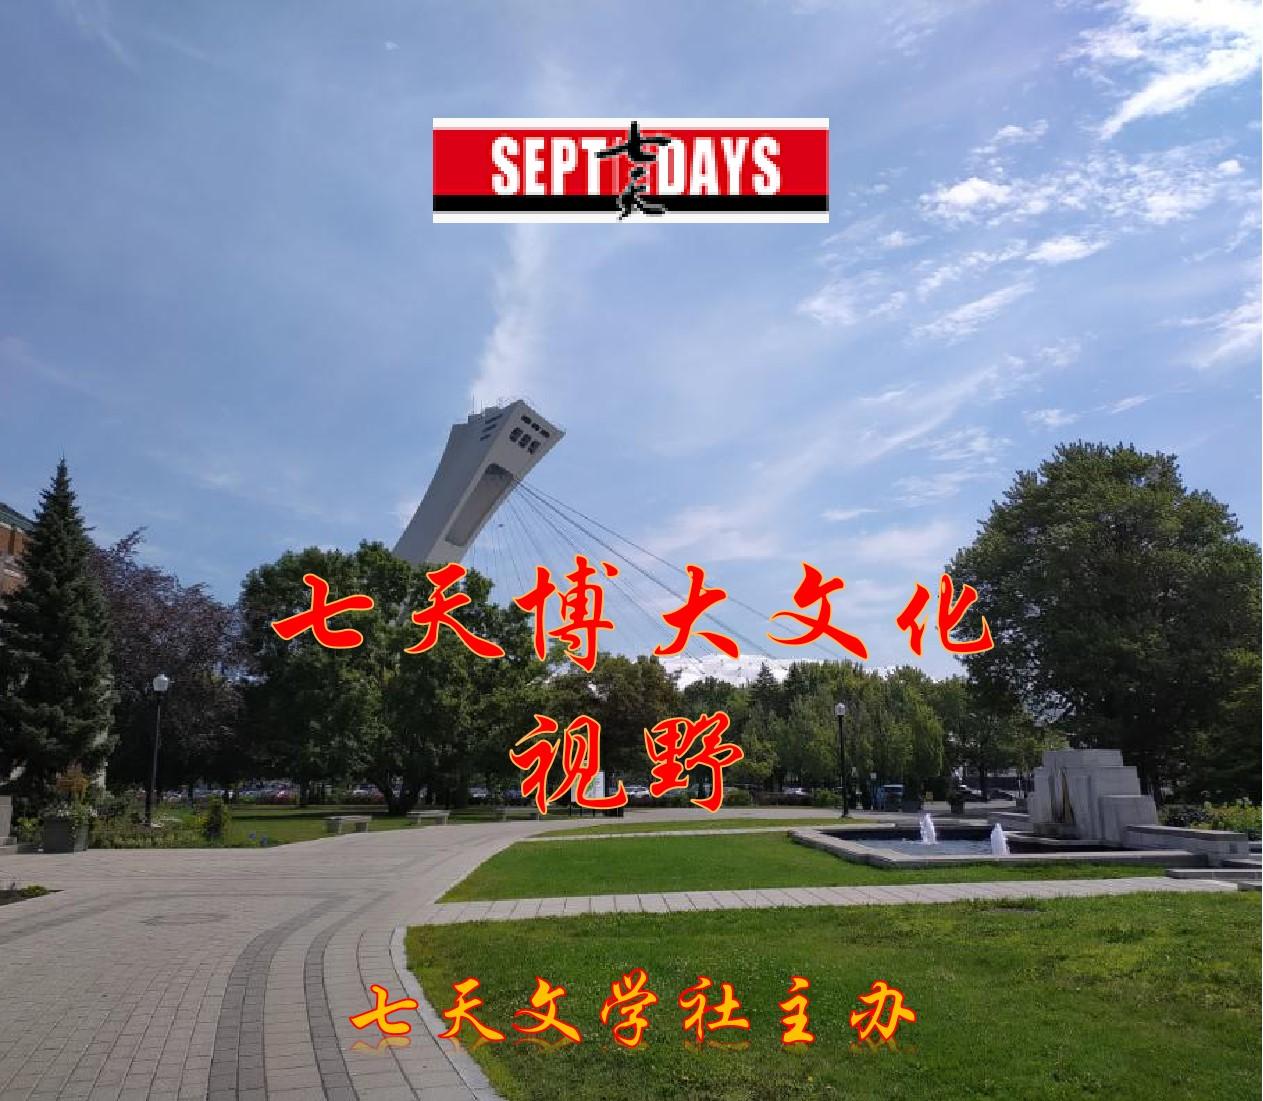 七天博大文化视野(9月17日)